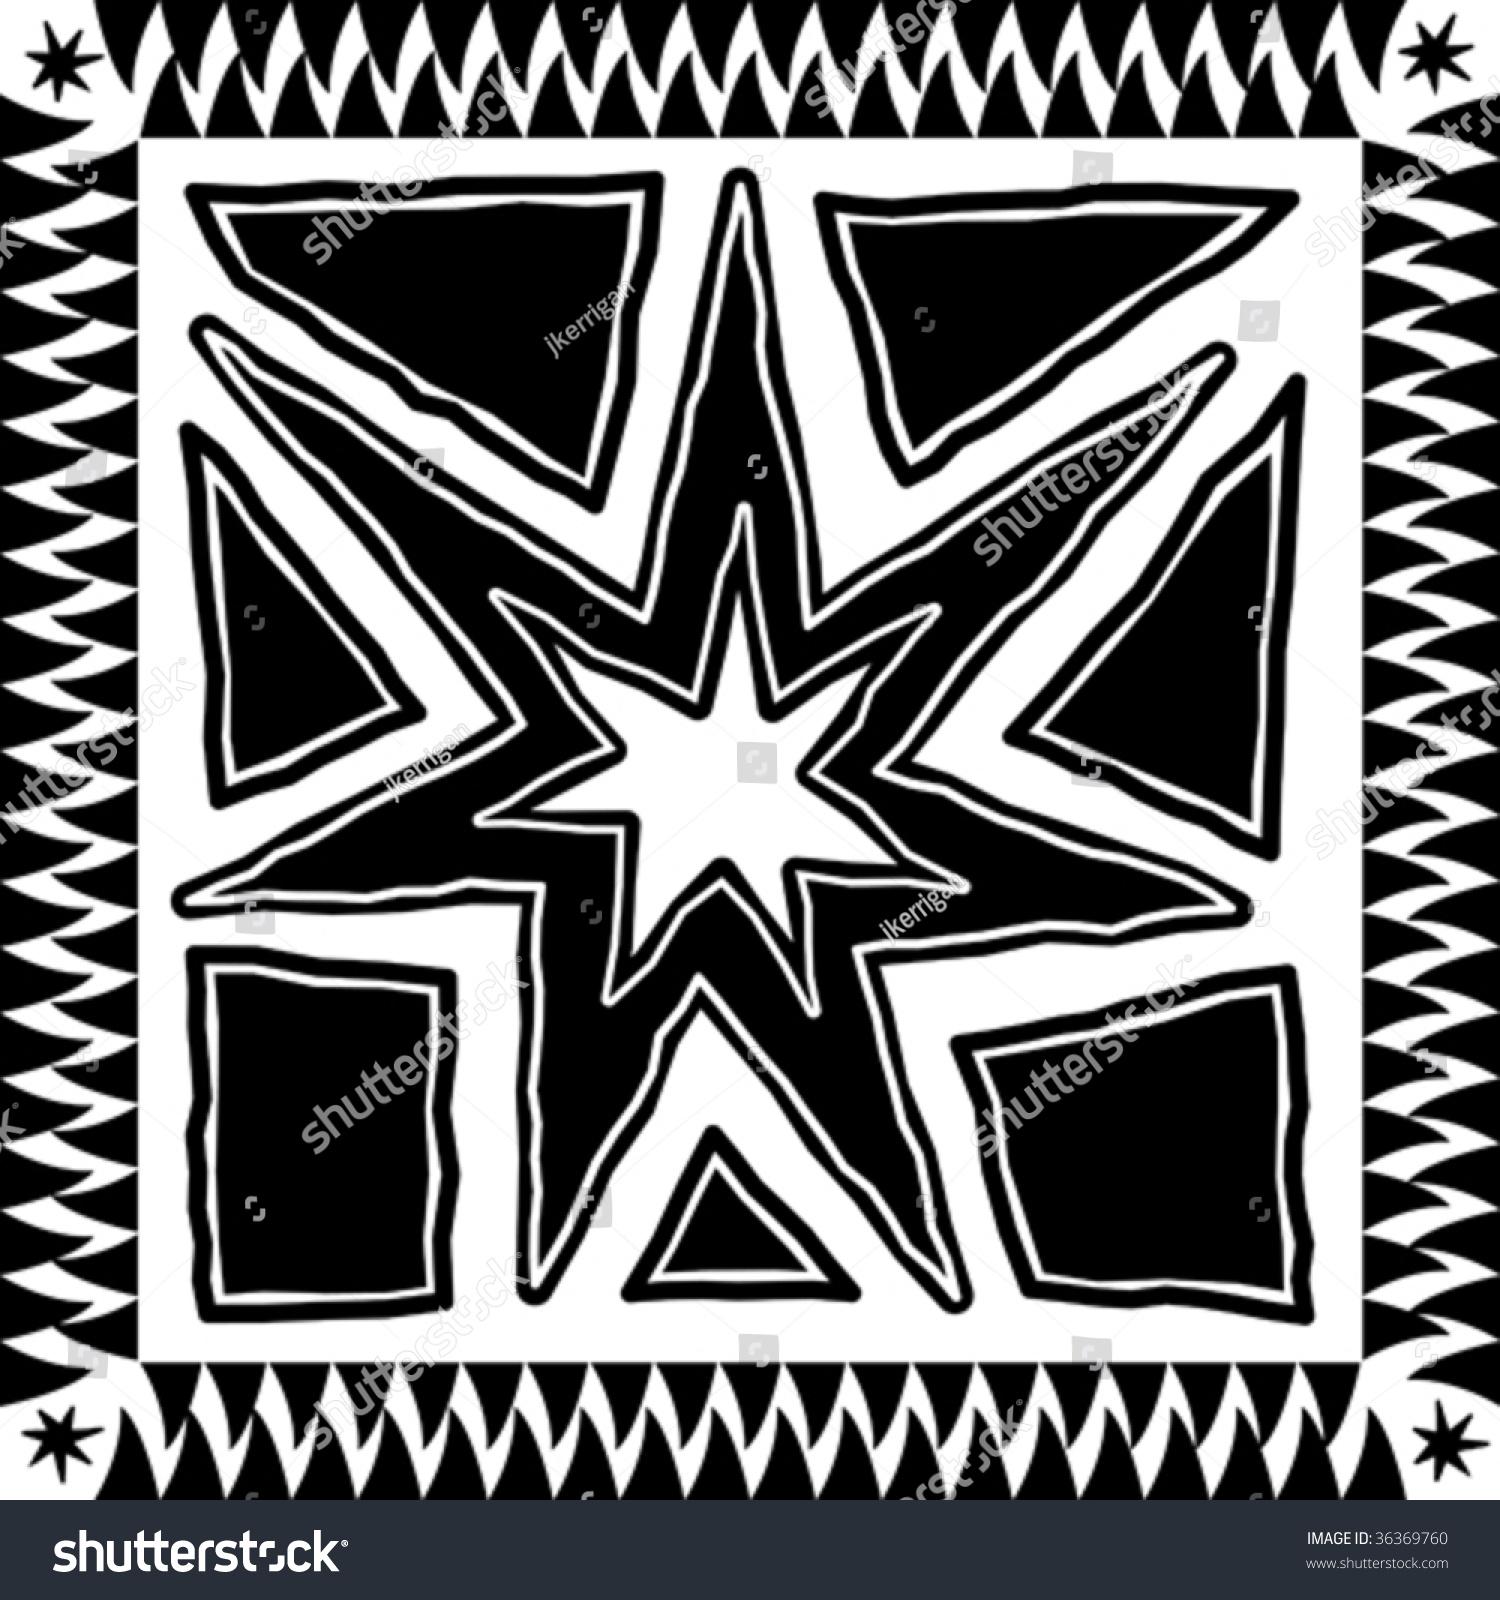 向量背景阿兹特克风格符号设计